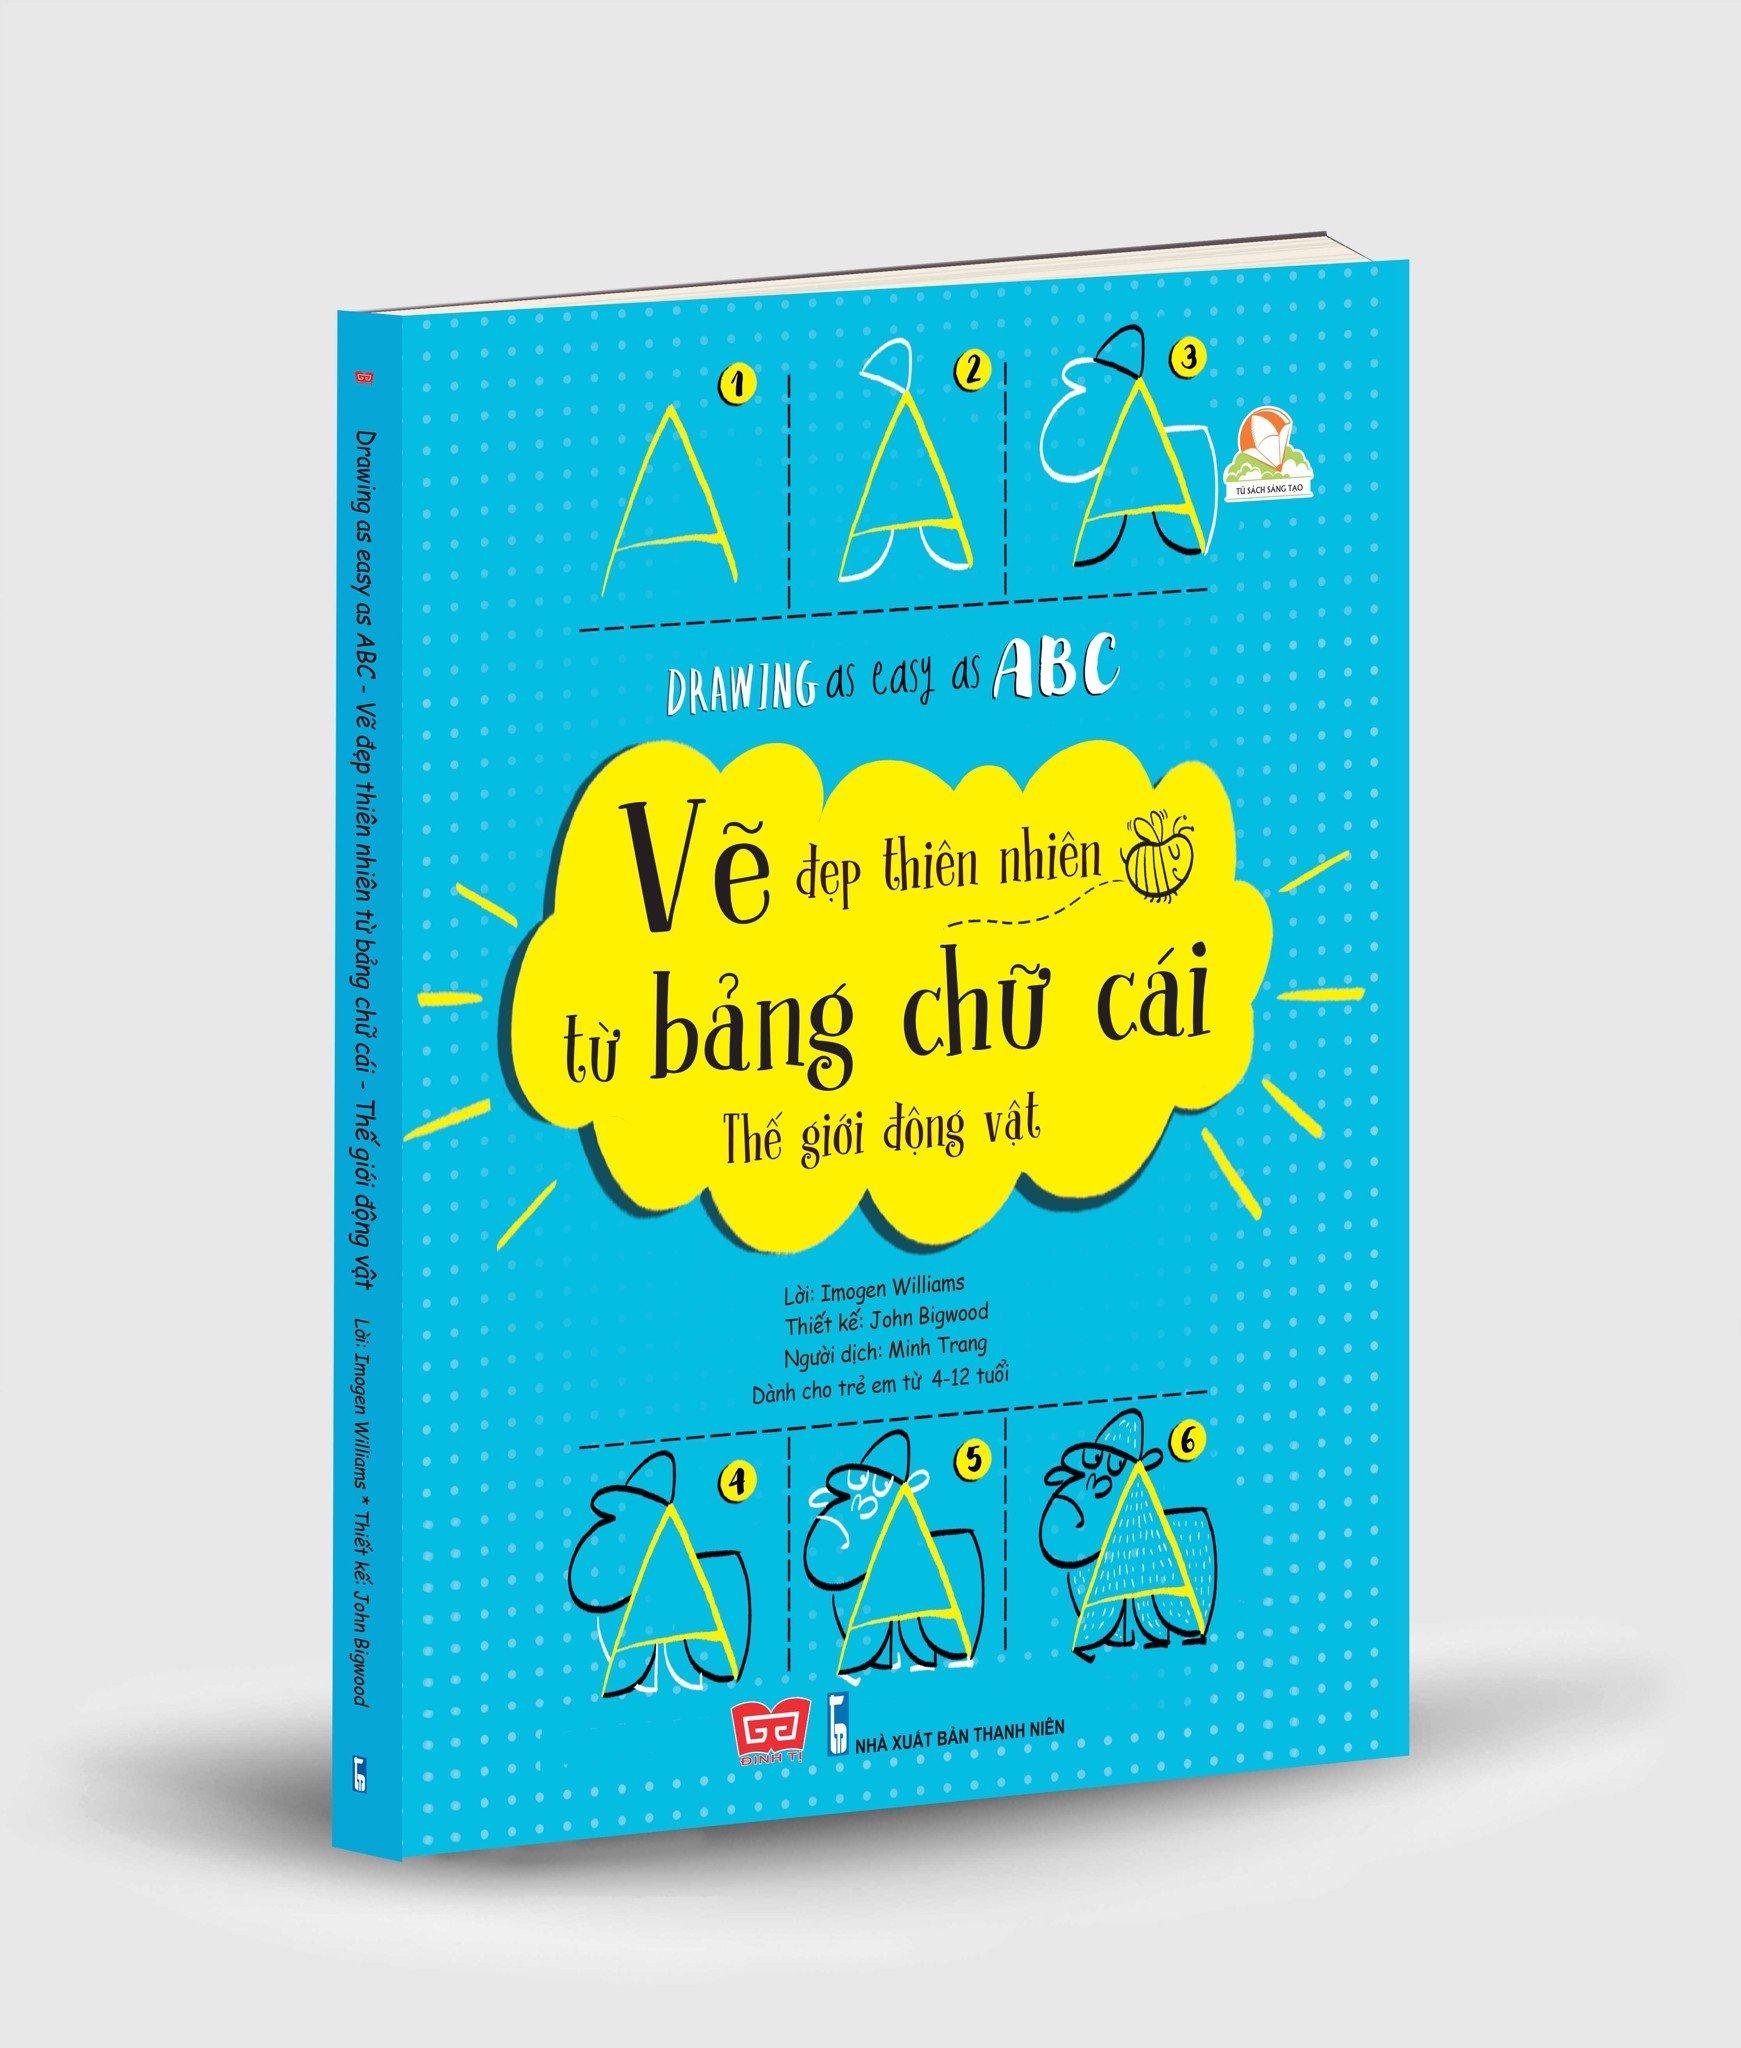 Drawing as easy as ABC - Vẽ đẹp thiên nhiên từ bảng chữ cái - Thế giới động vật